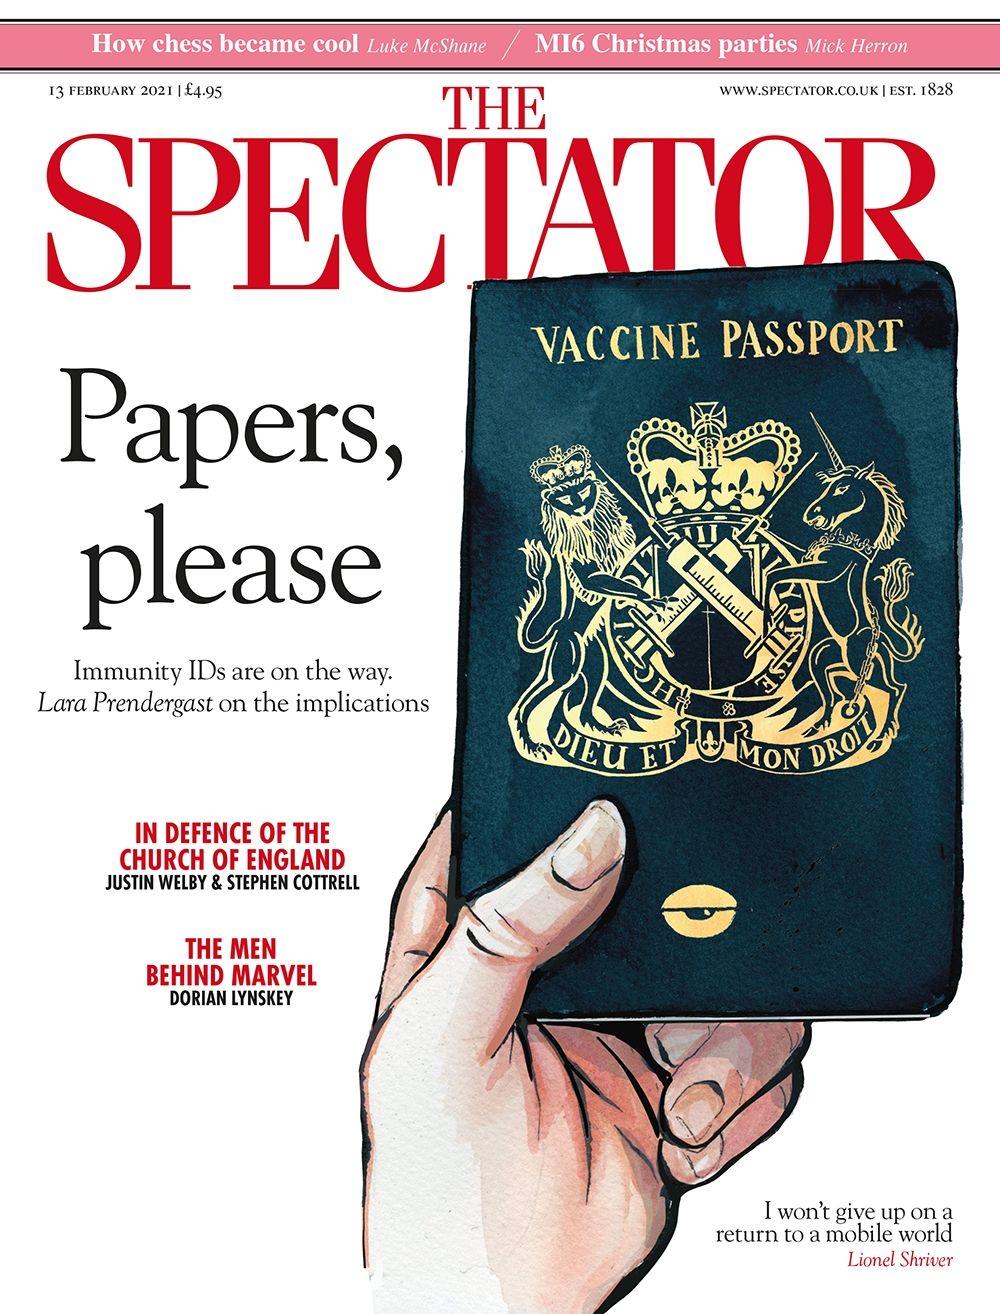 Британский The Spectator за февраль. Паспорт вакцинации - новый «базовый» документ, который скоро могут ввести по всей Европе.